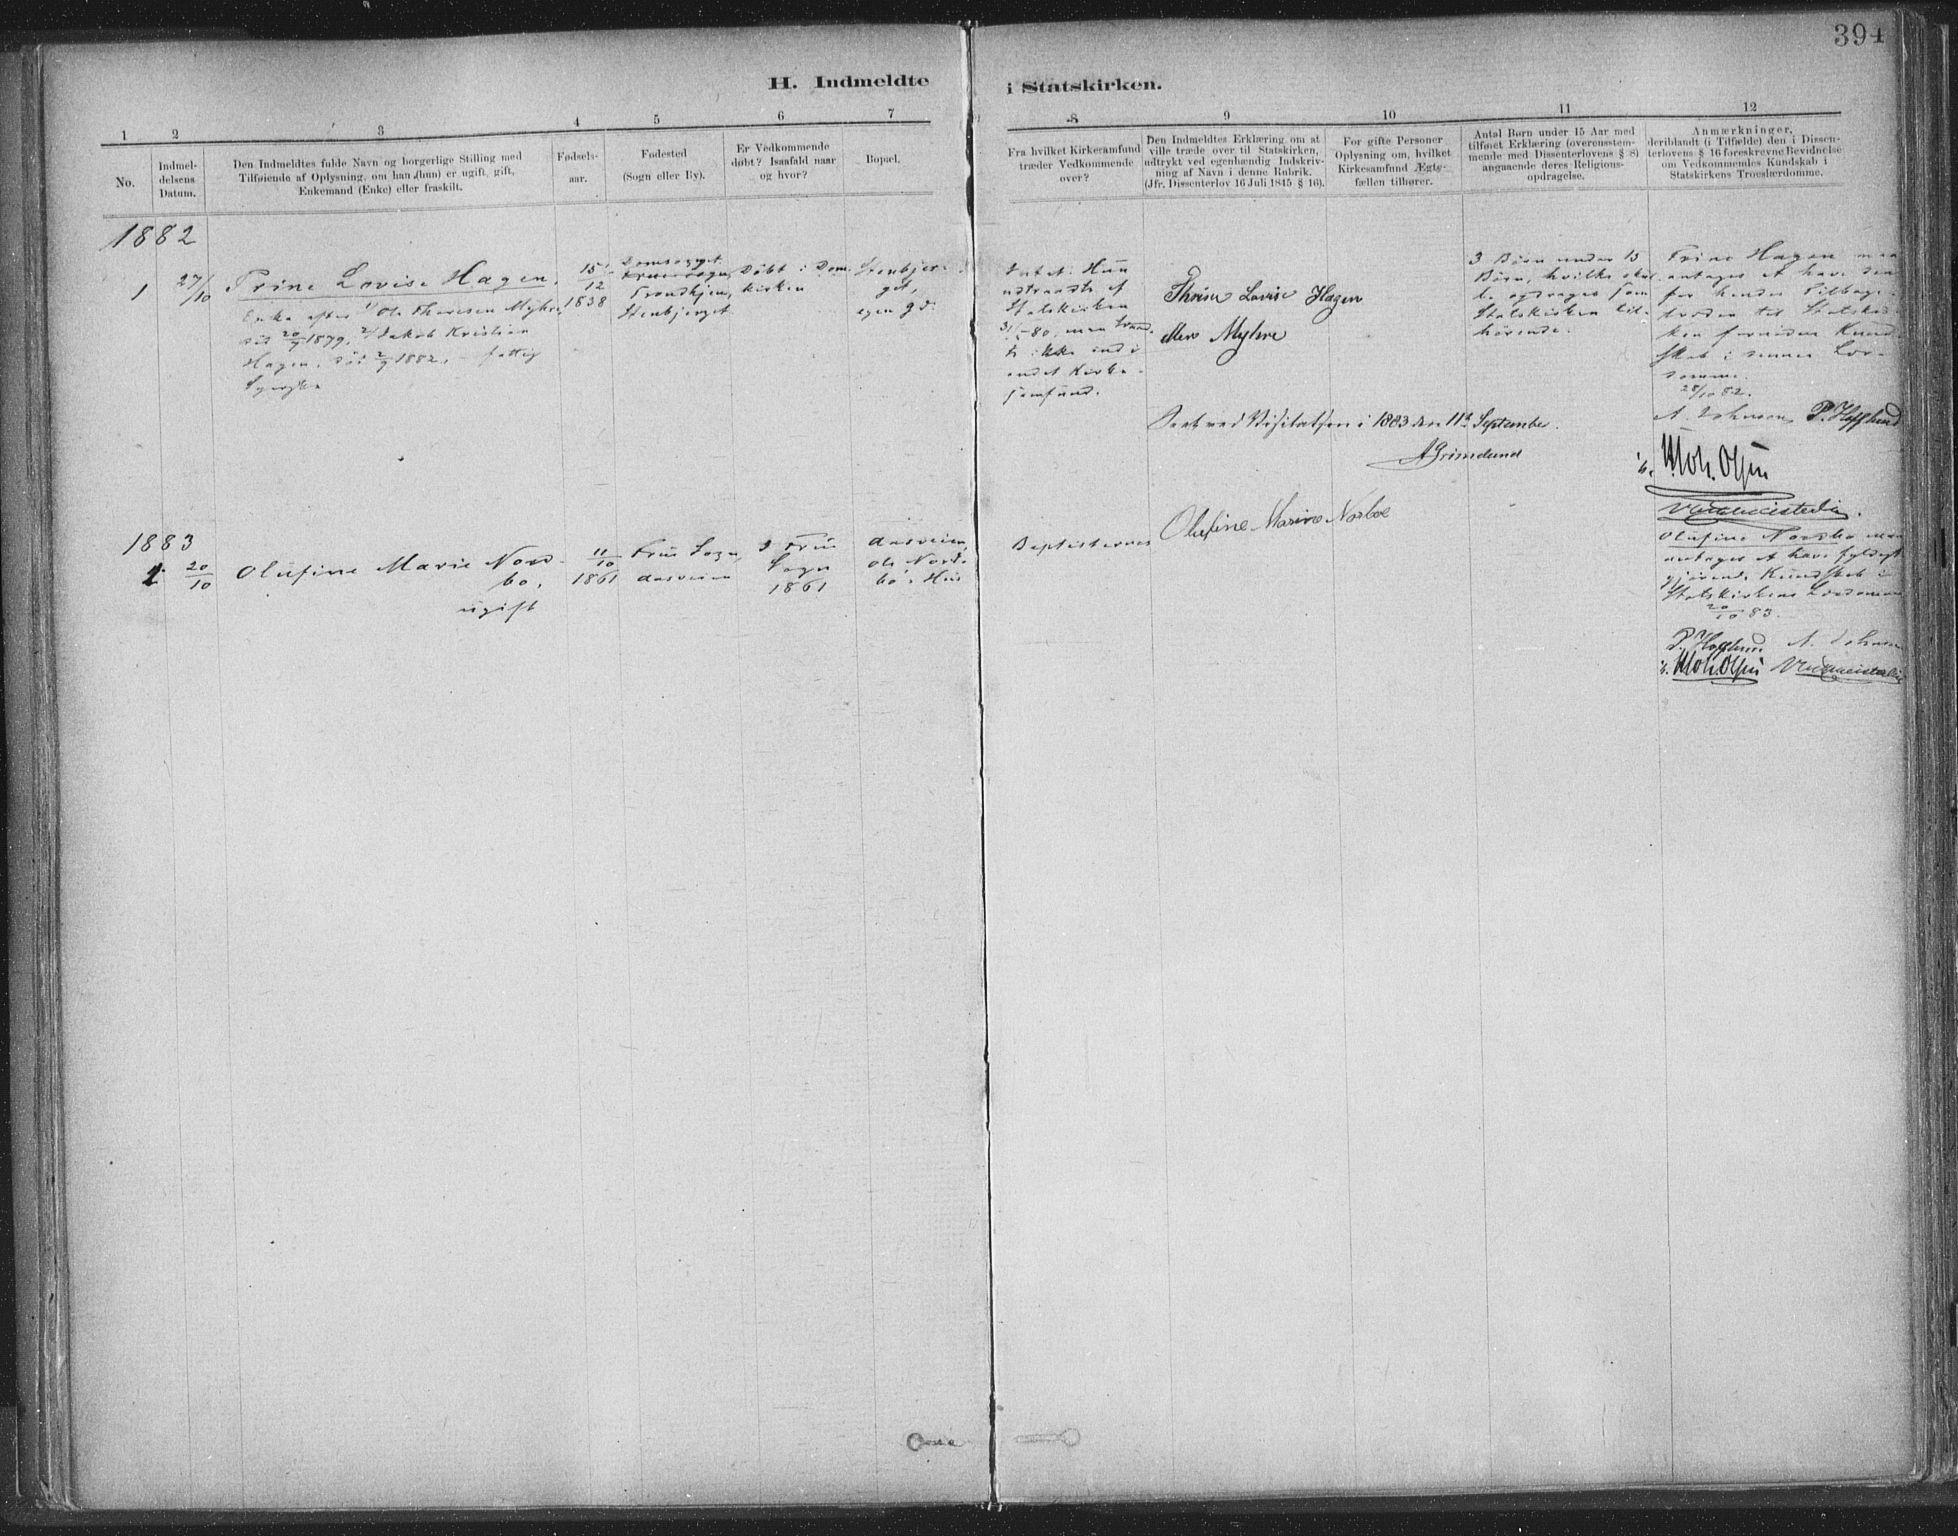 SAT, Ministerialprotokoller, klokkerbøker og fødselsregistre - Sør-Trøndelag, 603/L0163: Ministerialbok nr. 603A02, 1879-1895, s. 394